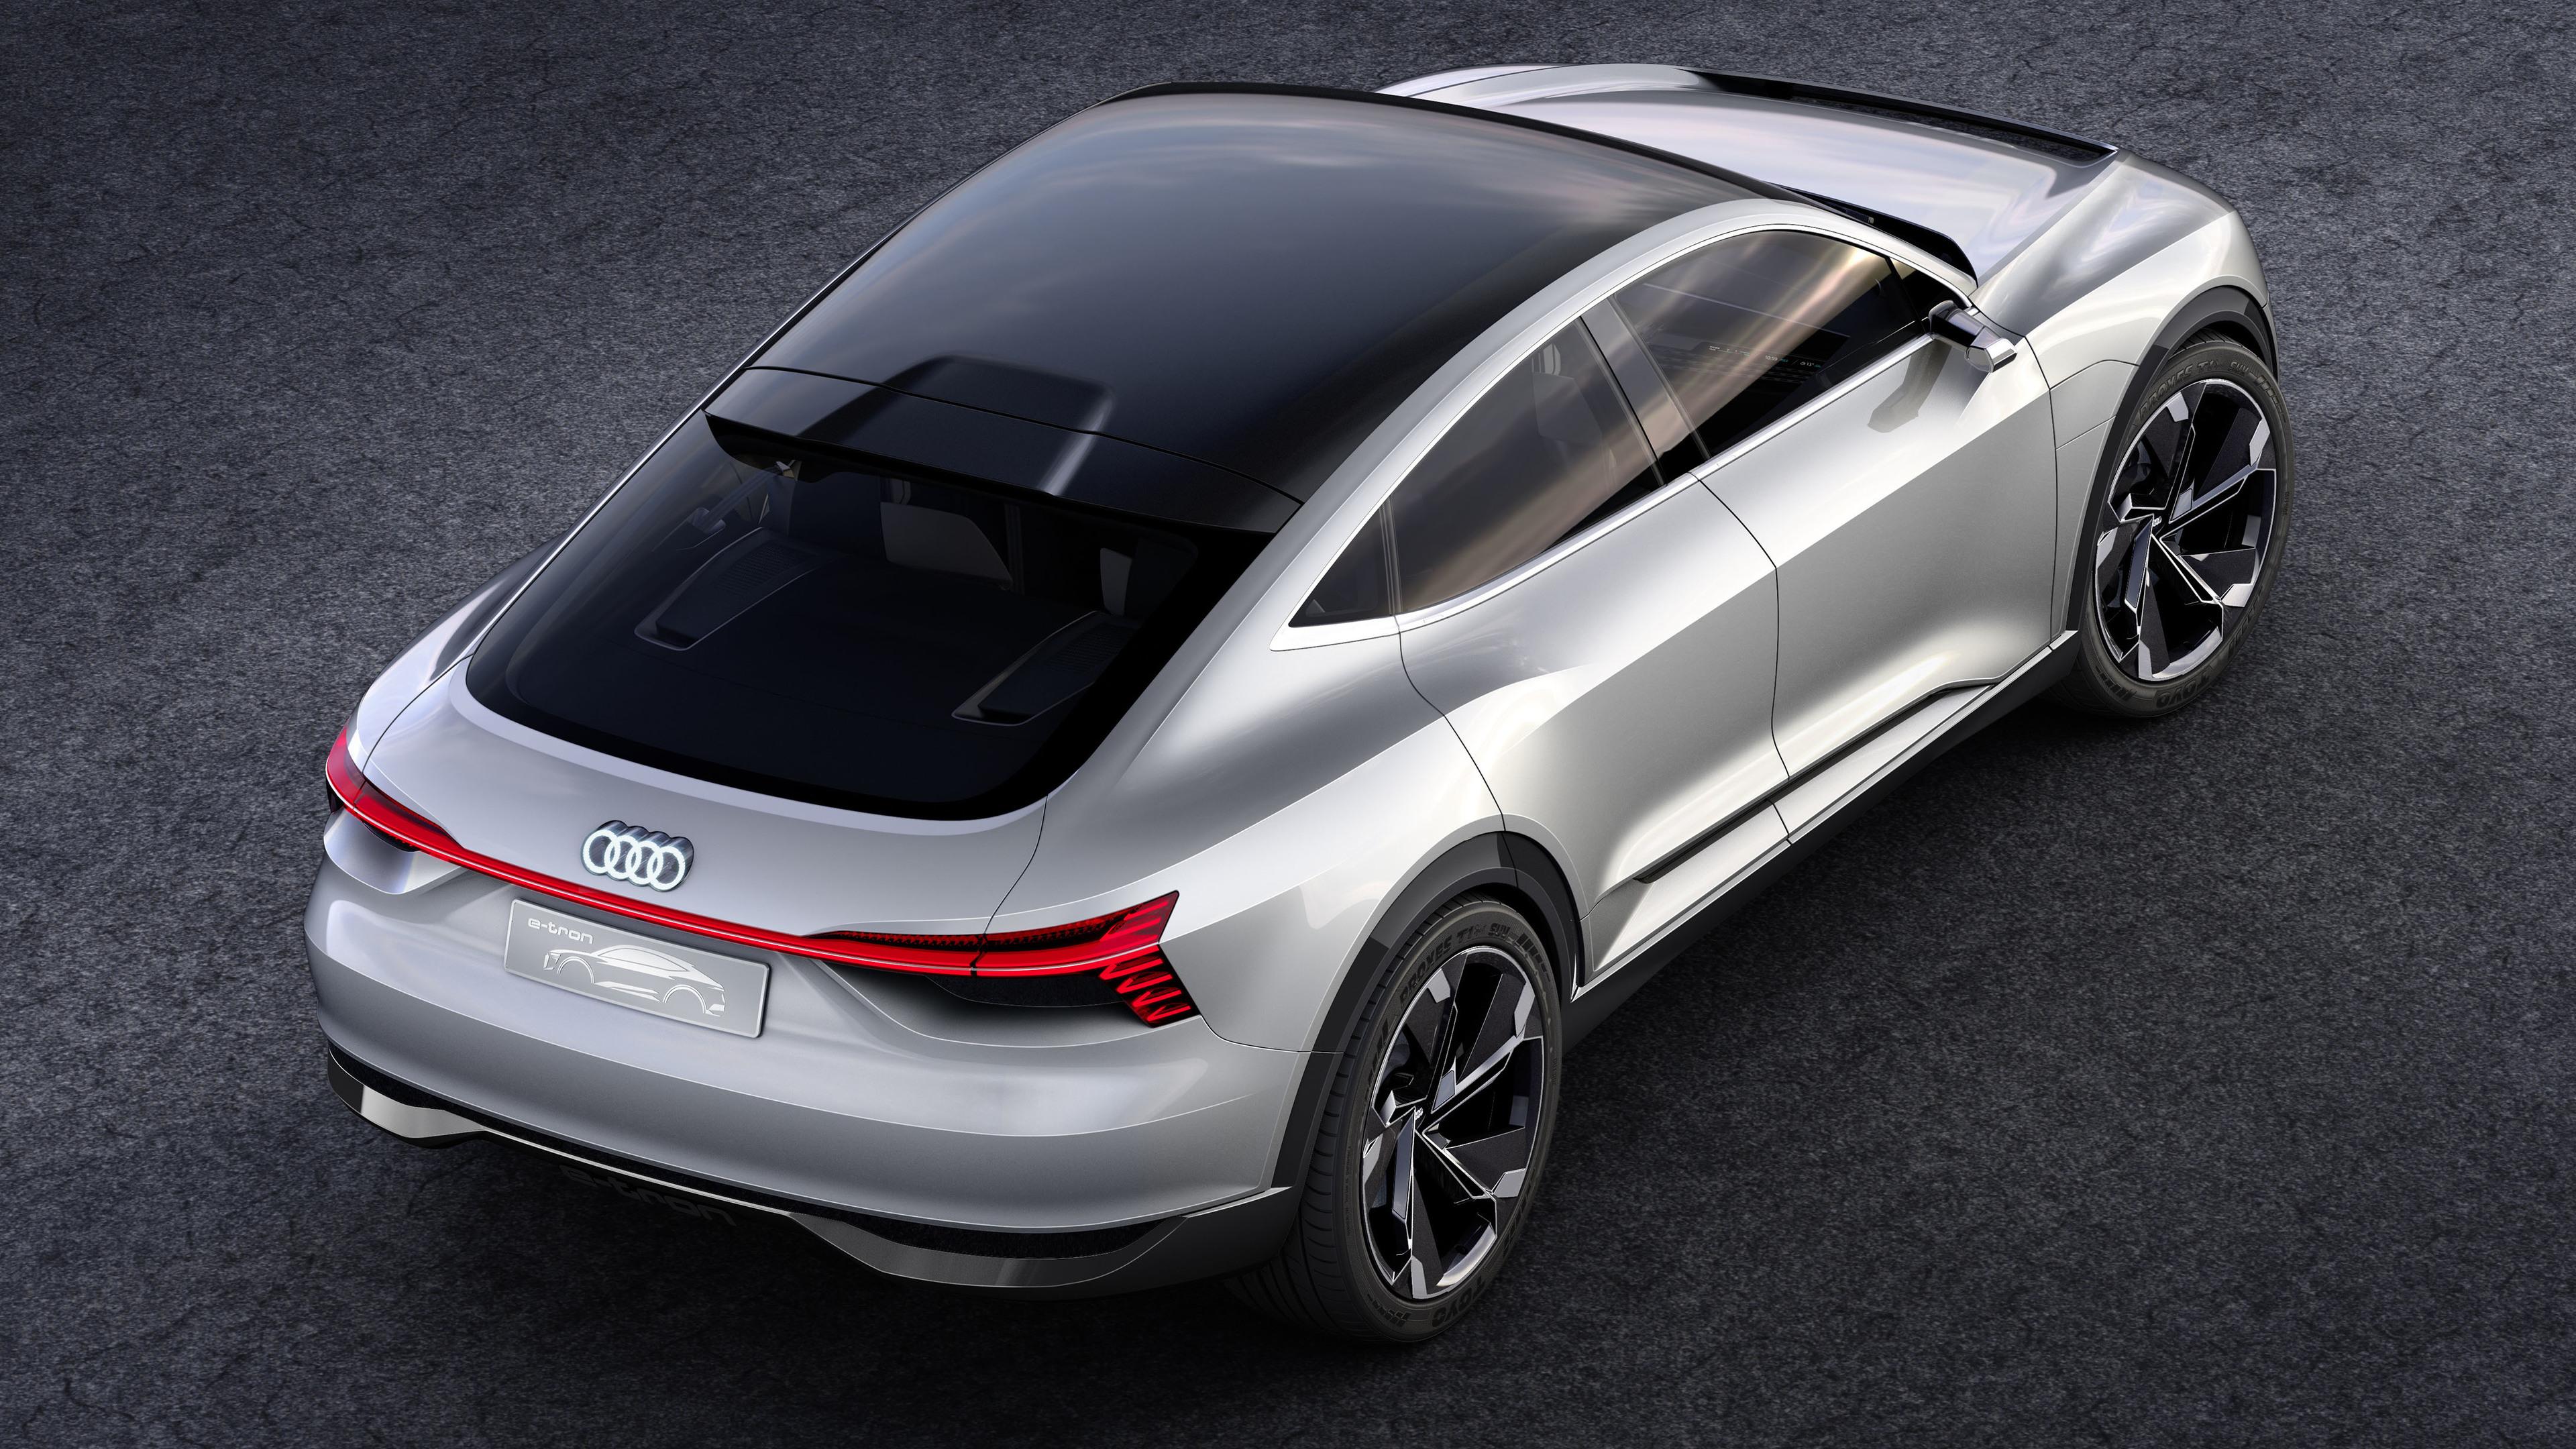 2017 audi e tron 4k 1539105239 - 2017 Audi E Tron 4k - hd-wallpapers, concept cars wallpapers, audi wallpapers, audi e tron wallpapers, 4k-wallpapers, 2017 cars wallpapers